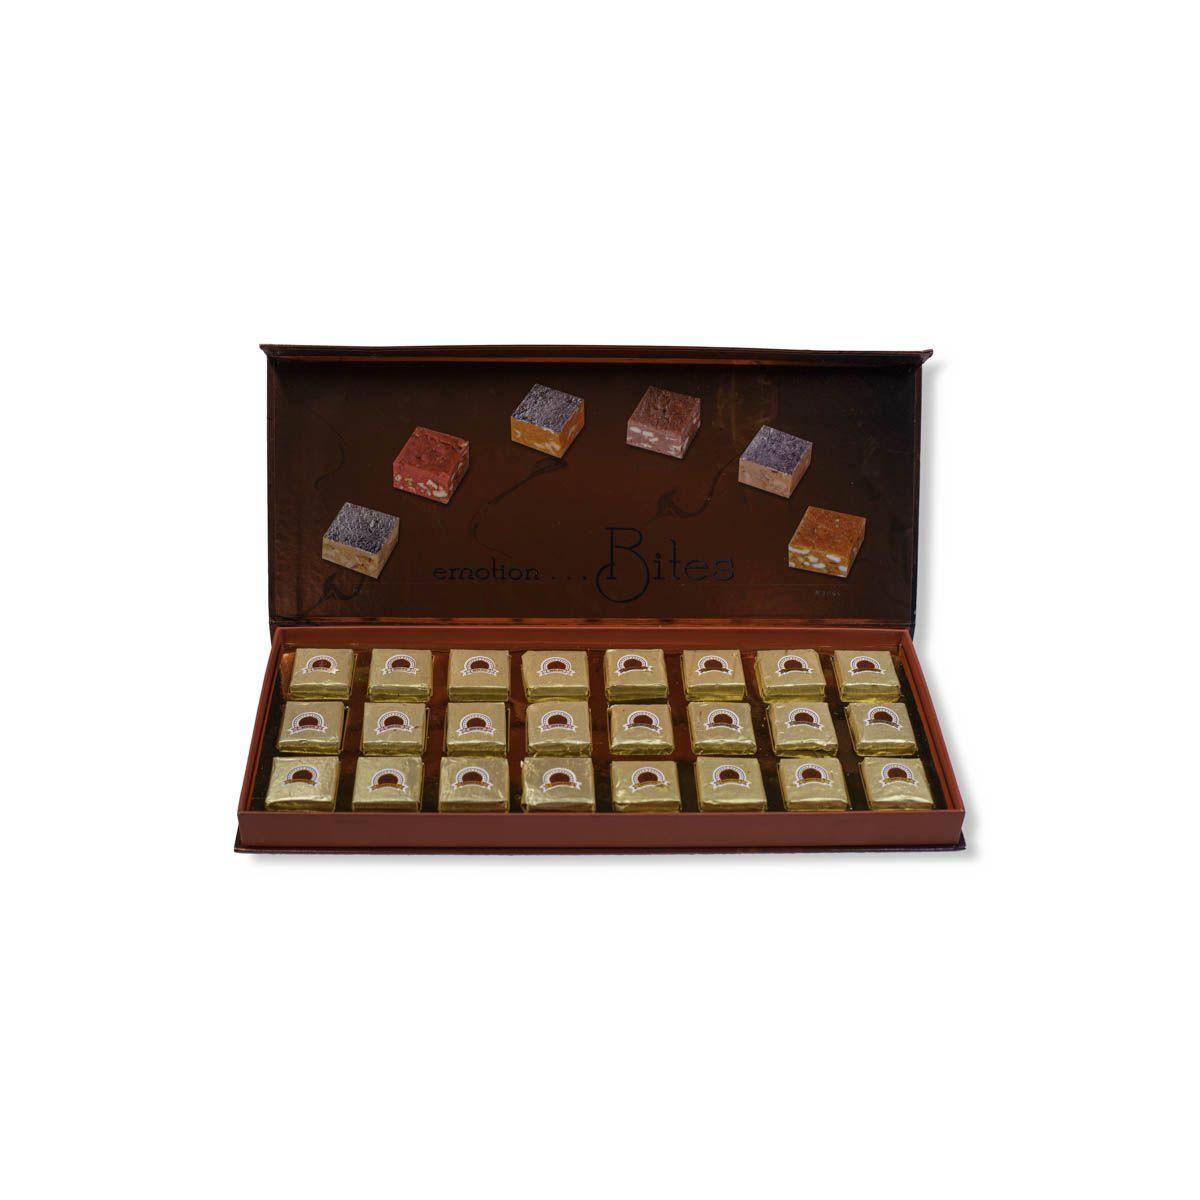 Emotion Bites Box(18pcs)